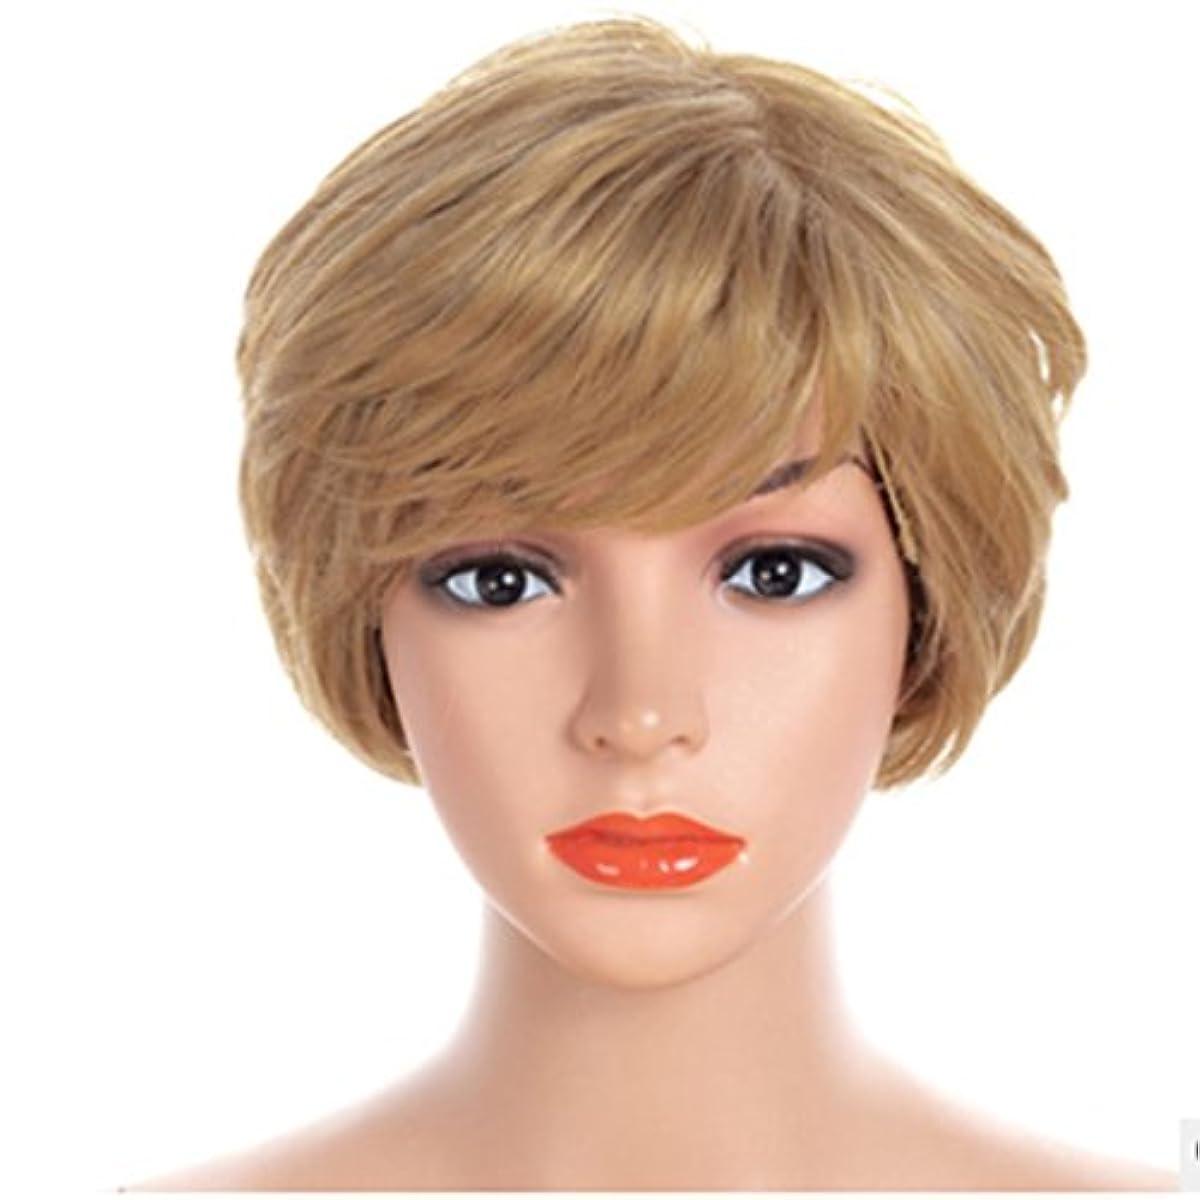 中にマーク研究所YOUQIU フラットや斜め前髪髪型のウィッグウィッグとの自然なゴールドとホワイトWig- 30センチメートルショートストレートウィッグ (色 : Gold-white)